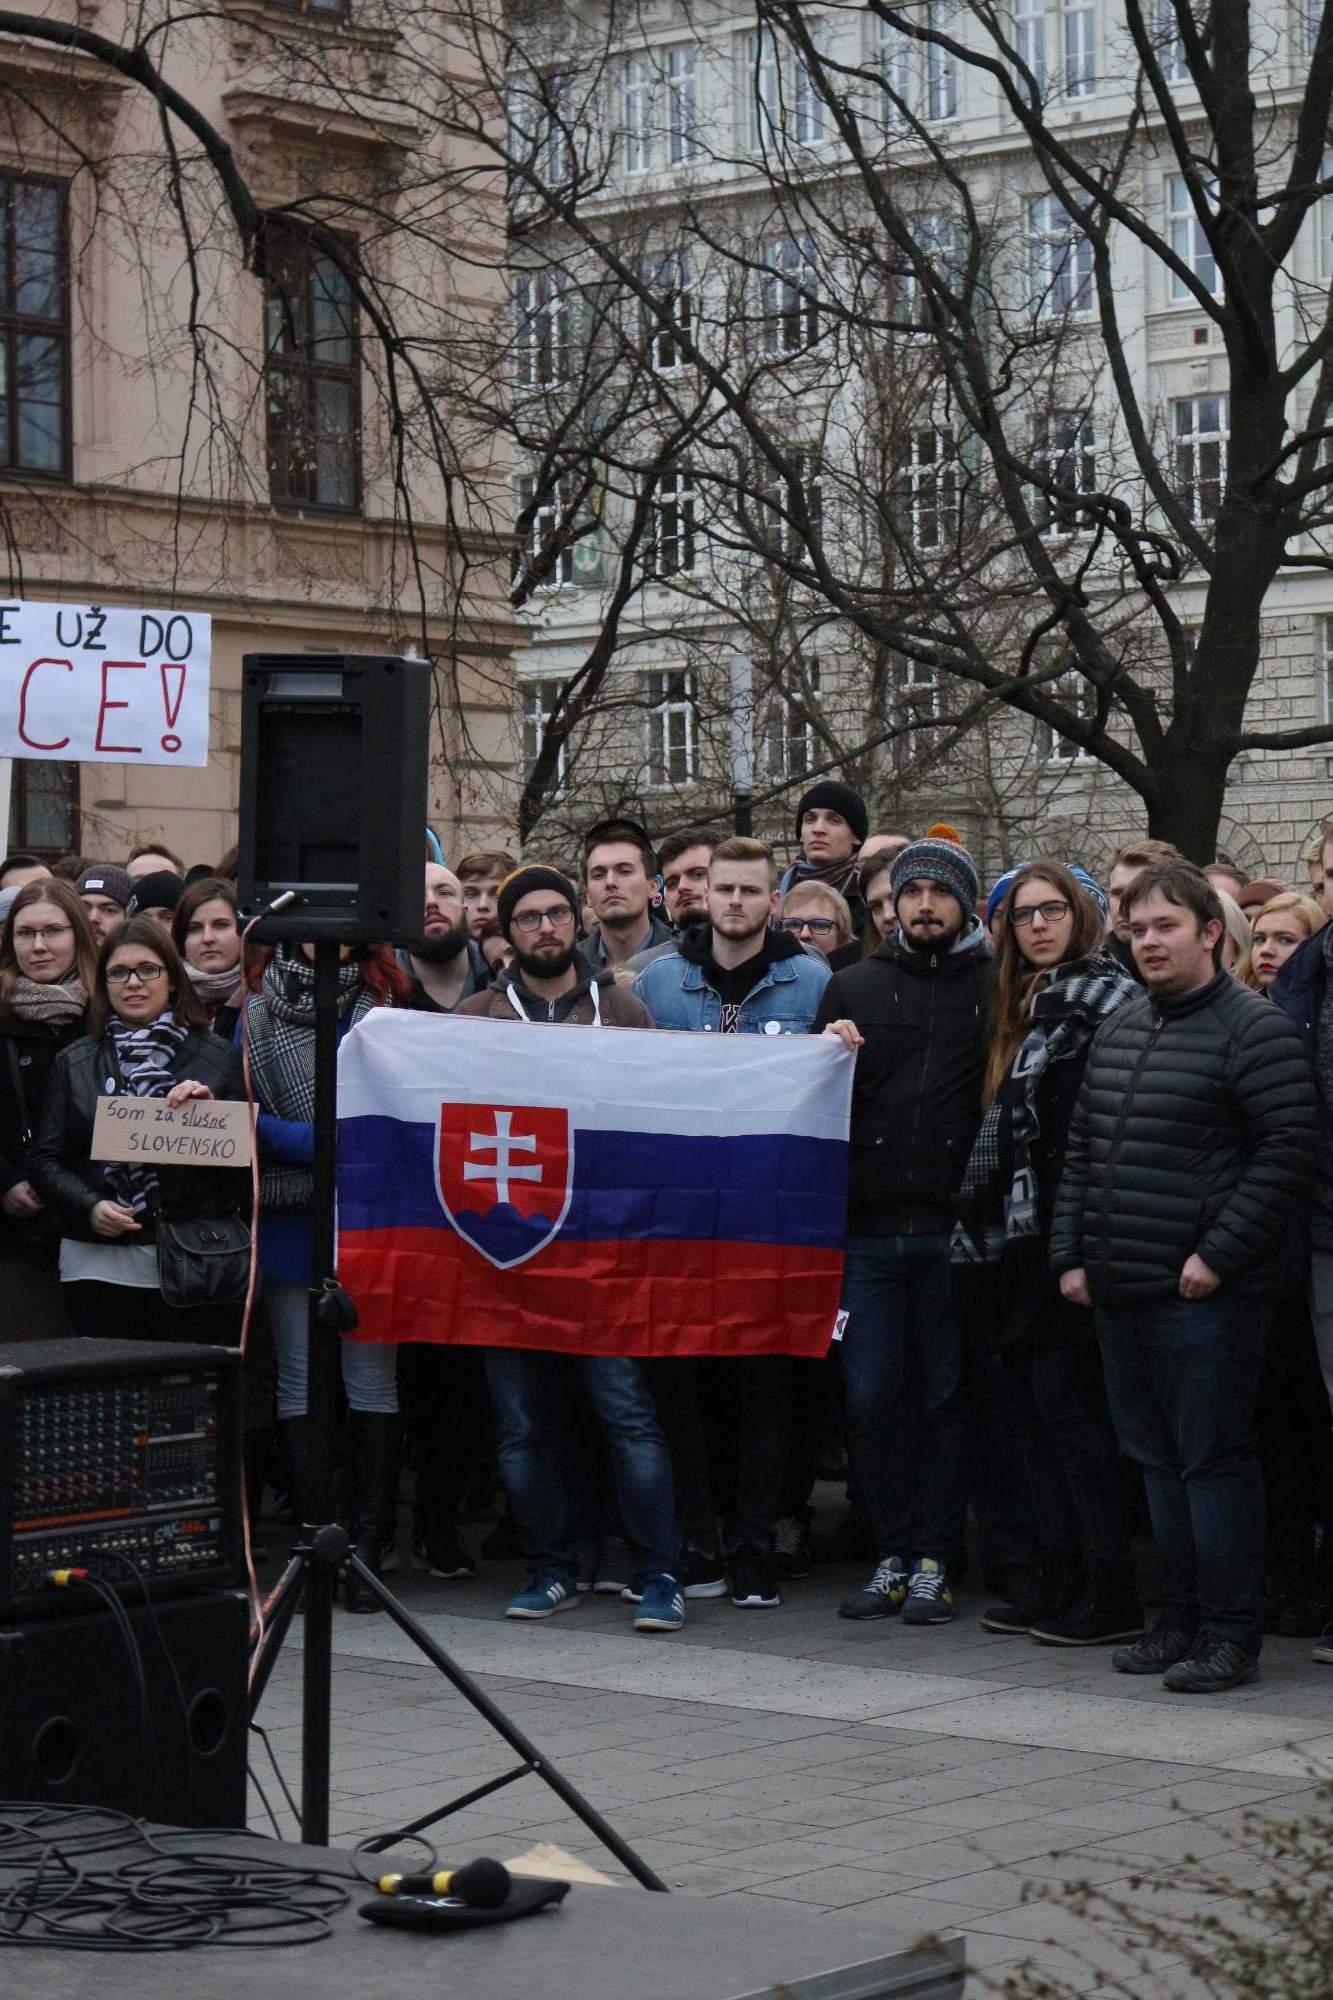 Demonštrácie Brno za slušnosť začal organizovať Brňan Dominik Levíček. Dnes spolupracuje so Slovákmi, ktorí v Brne študujú. Foto: Simona Gálová